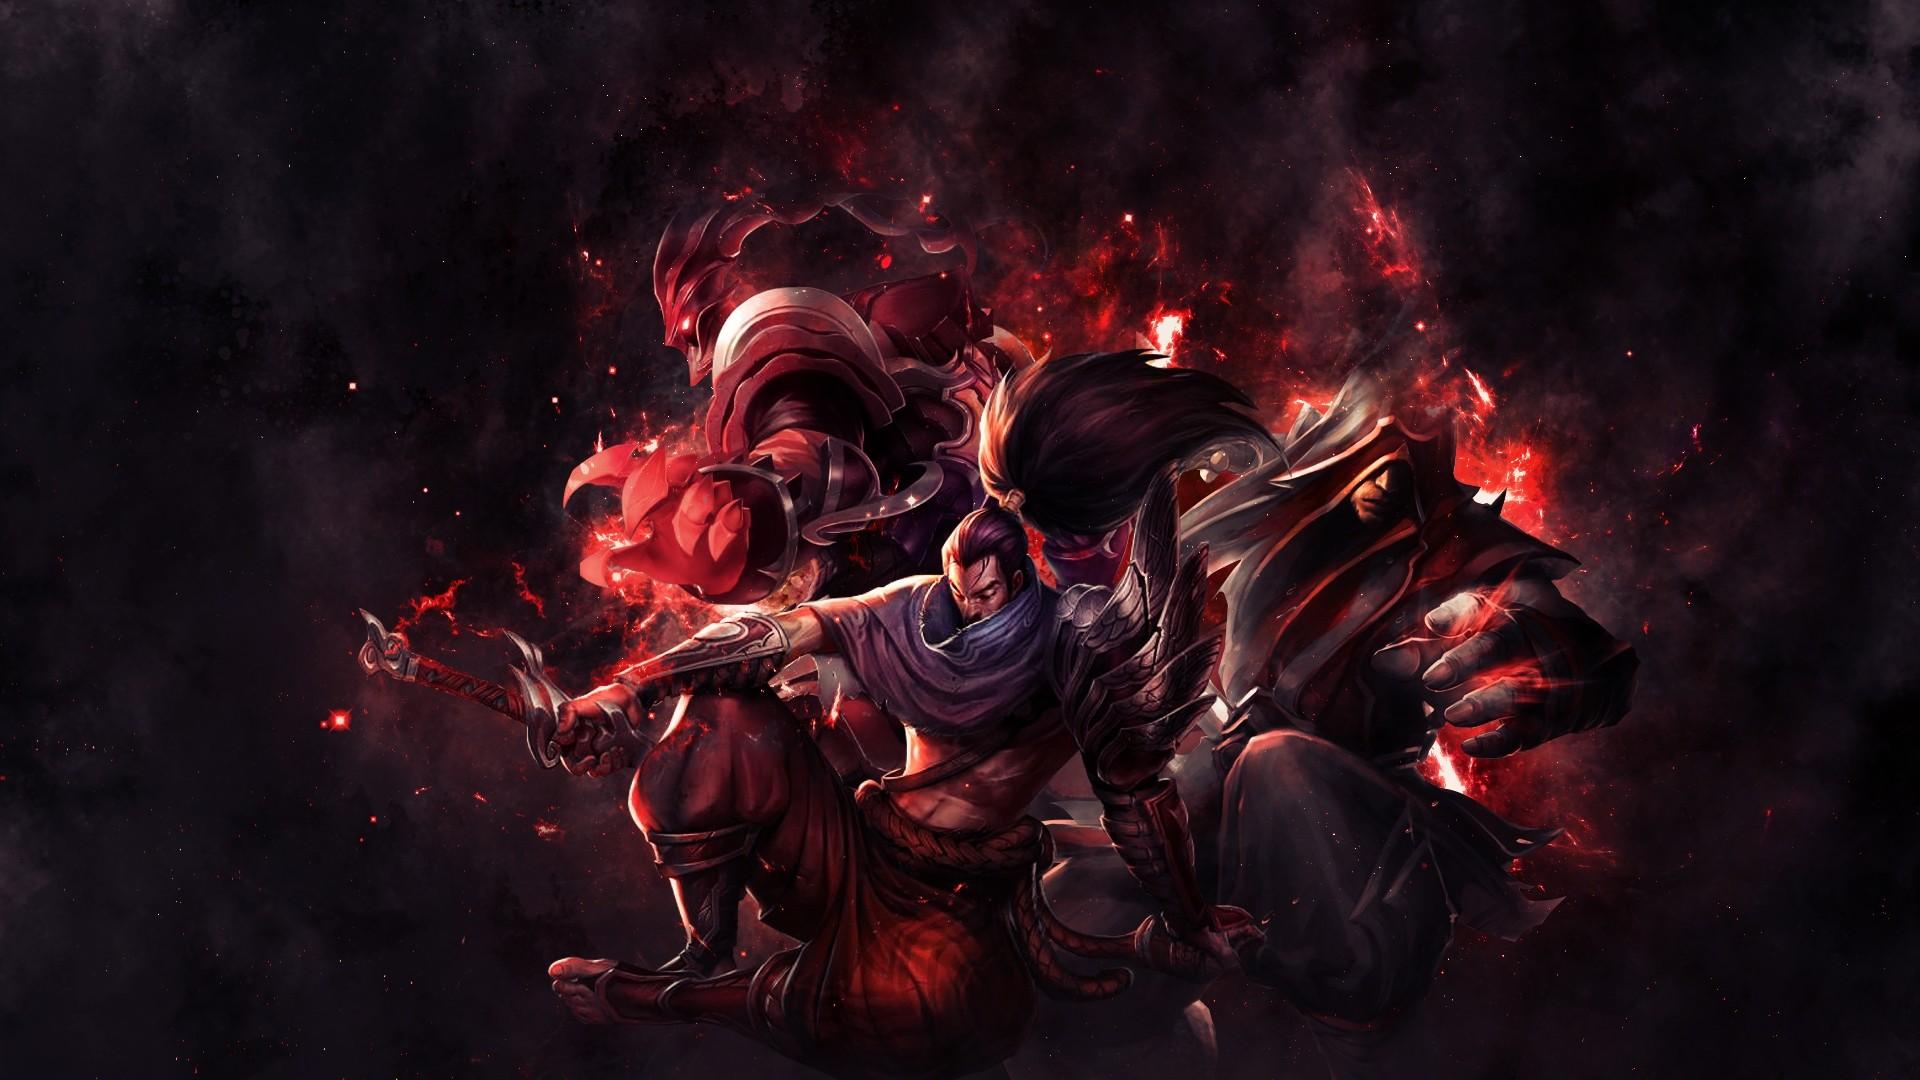 League Of Legends best Wallpaper